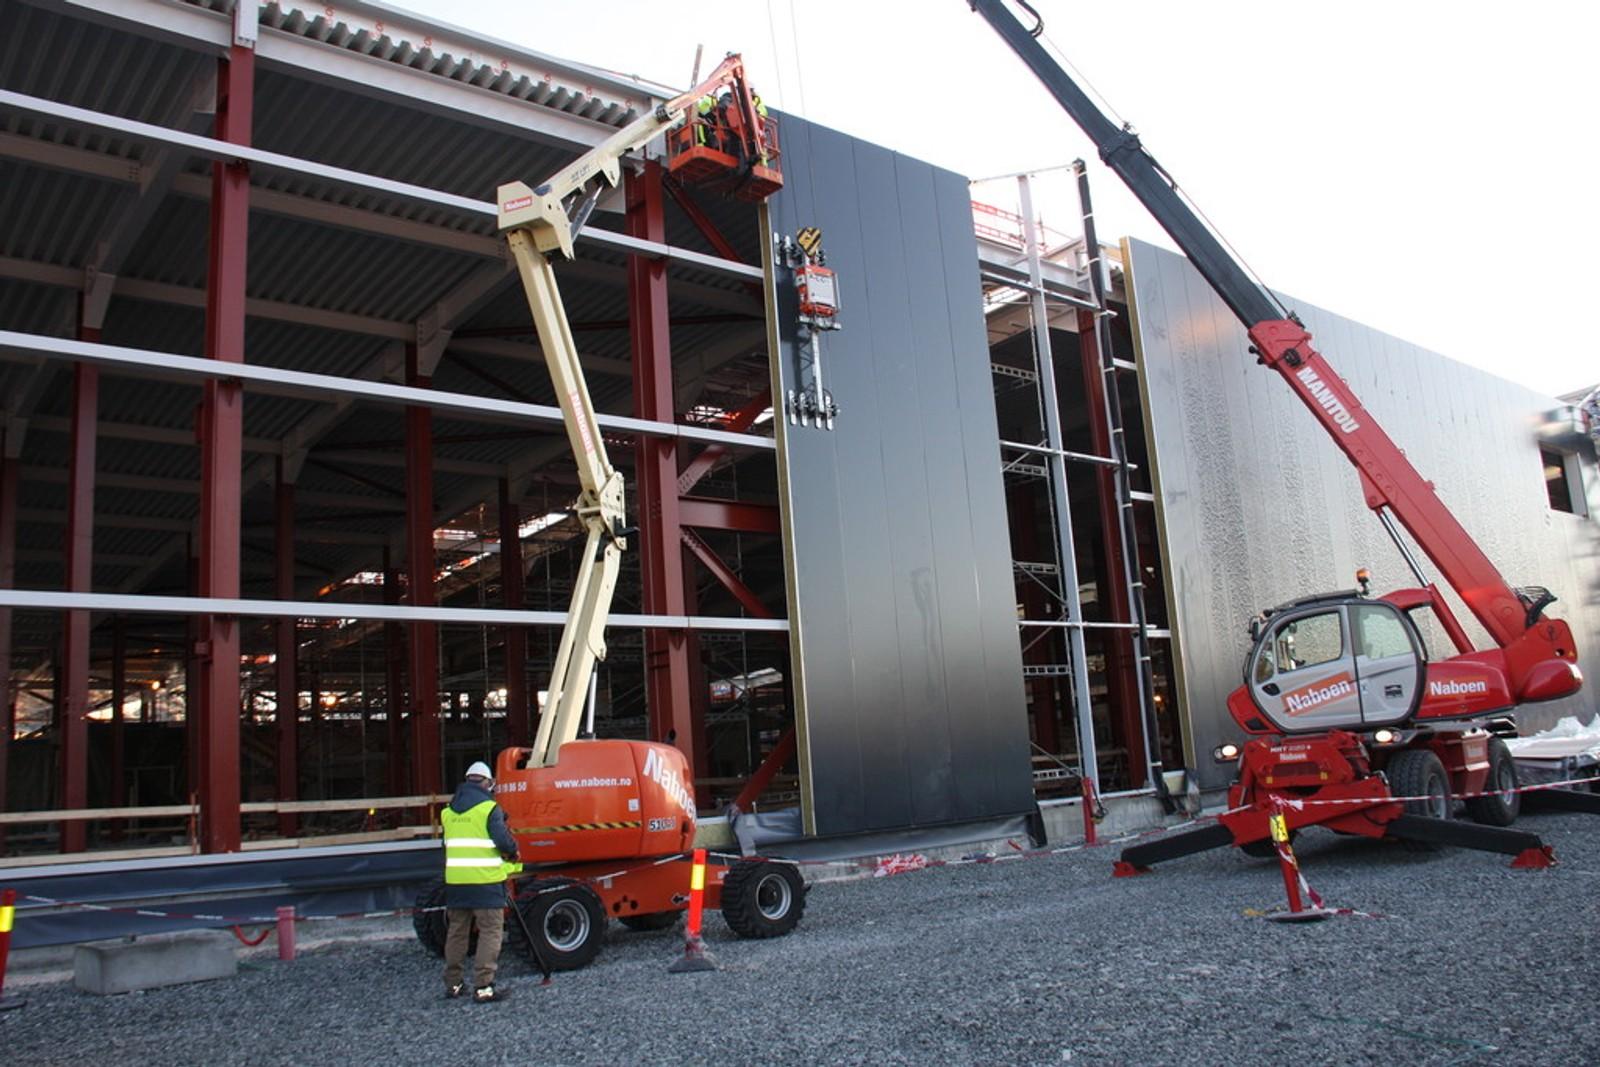 BYGGER RASKT: Rundt 100 meter av vognhallen er allerede oppført. Man begynner å sette opp og kle vegger i neste uke. Deretter vil bygget bli forlenget med 50 meter i uken.